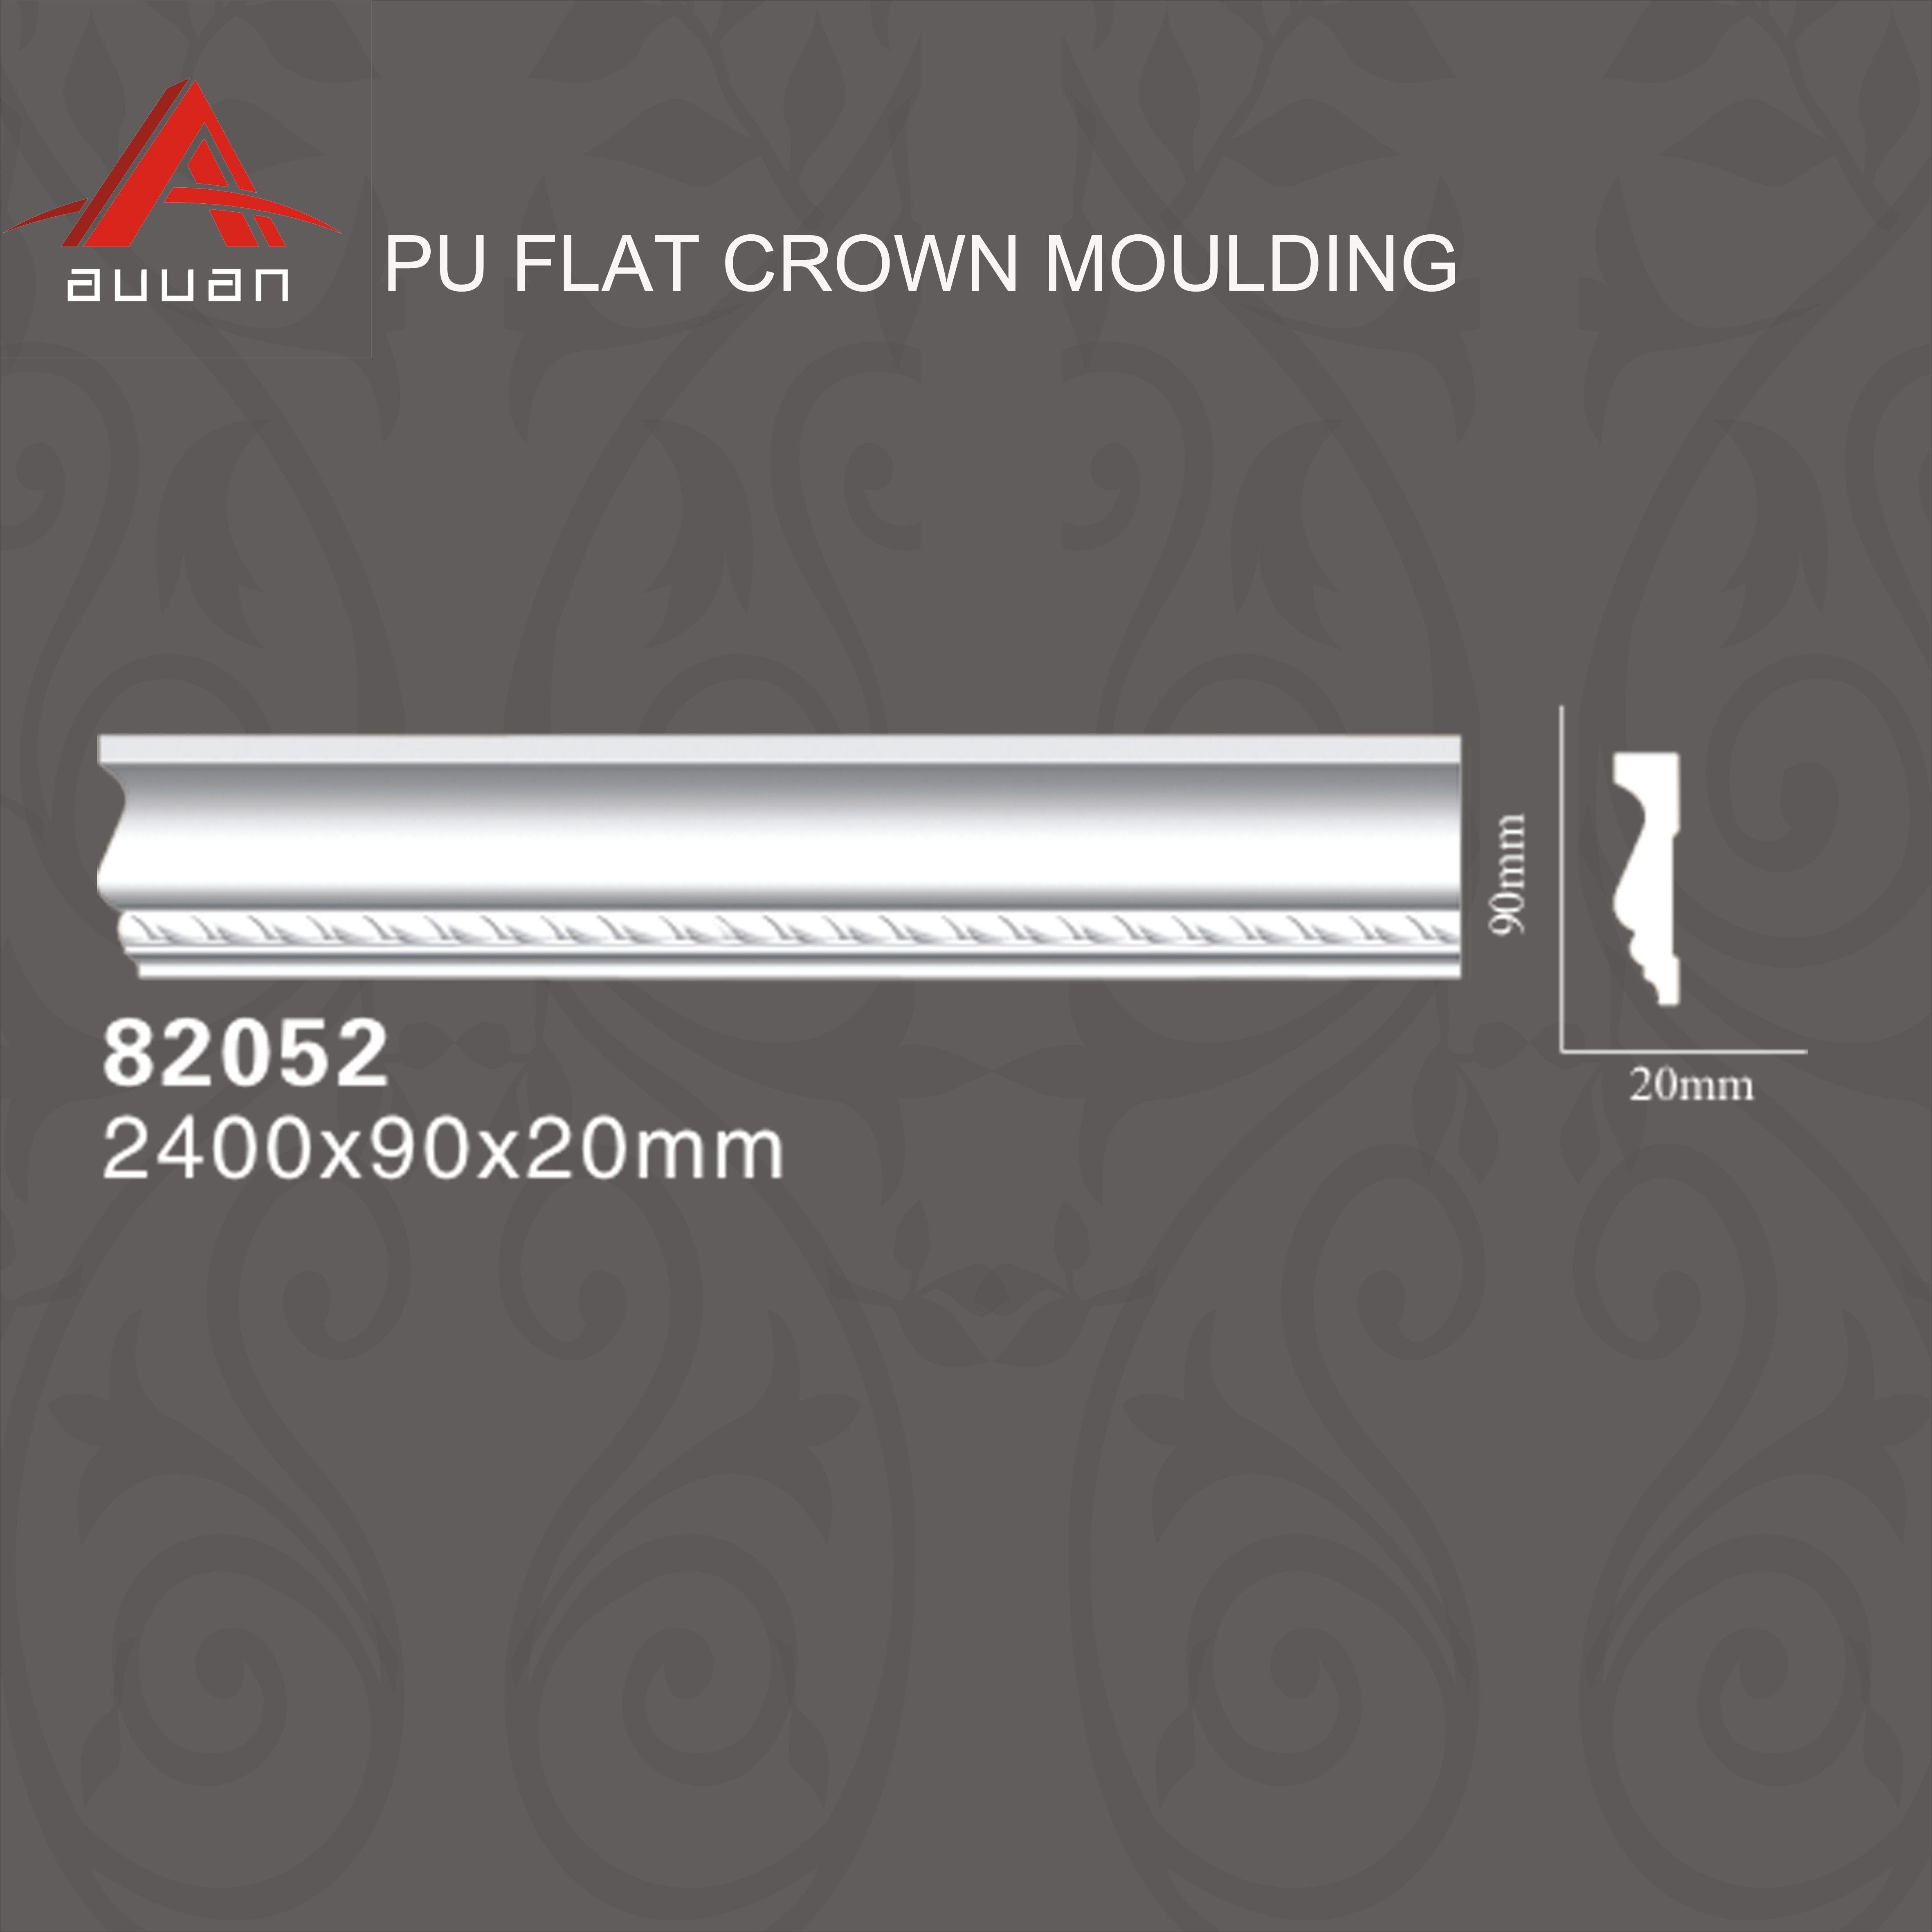 Innengesims-Material PU-82052# für Gebäude-Kronen-Formteil-Winkel